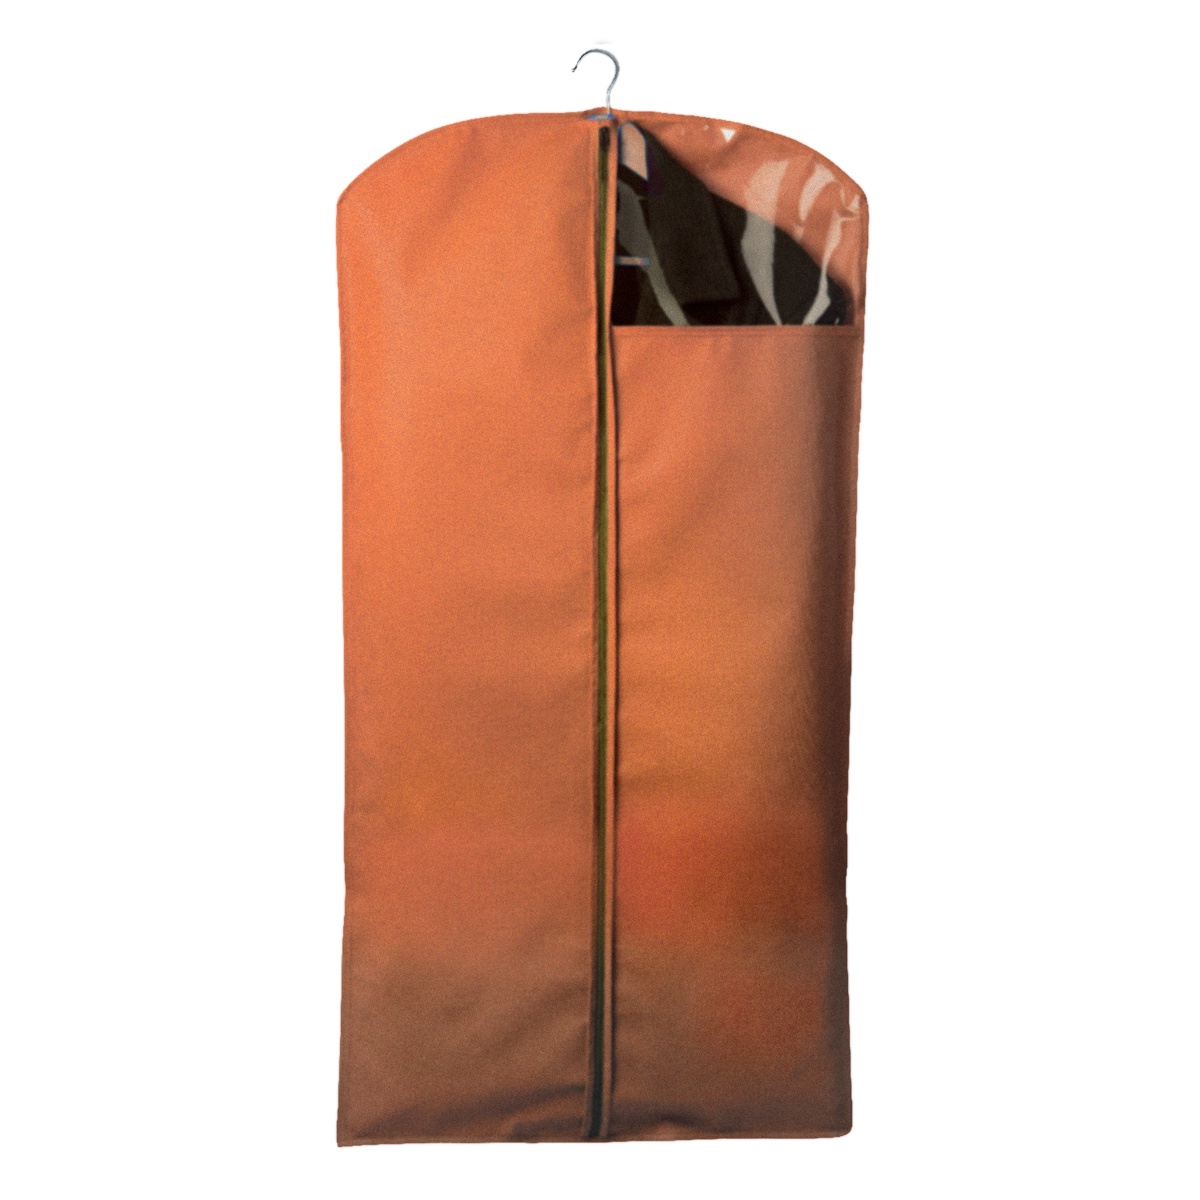 Чехол для одежды Miolla, с окошком, цвет: оранжевый, 120 х 60 см12723Чехол для костюмов и платьев Miolla на застежке-молнии выполнен из высококачественного нетканого материала. Прозрачное полиэтиленовое окошко позволяет видеть содержимое чехла. Подходит для длительного хранения вещей.Чехол обеспечивает вашей одежде надежную защиту от влажности, повреждений и грязи при транспортировке, от запыления при хранении и проникновения моли. Чехол обладает водоотталкивающими свойствами, а также позволяет воздуху свободно поступать внутрь вещей, обеспечивая их кондиционирование. Размер чехла: 120 х 60 см.